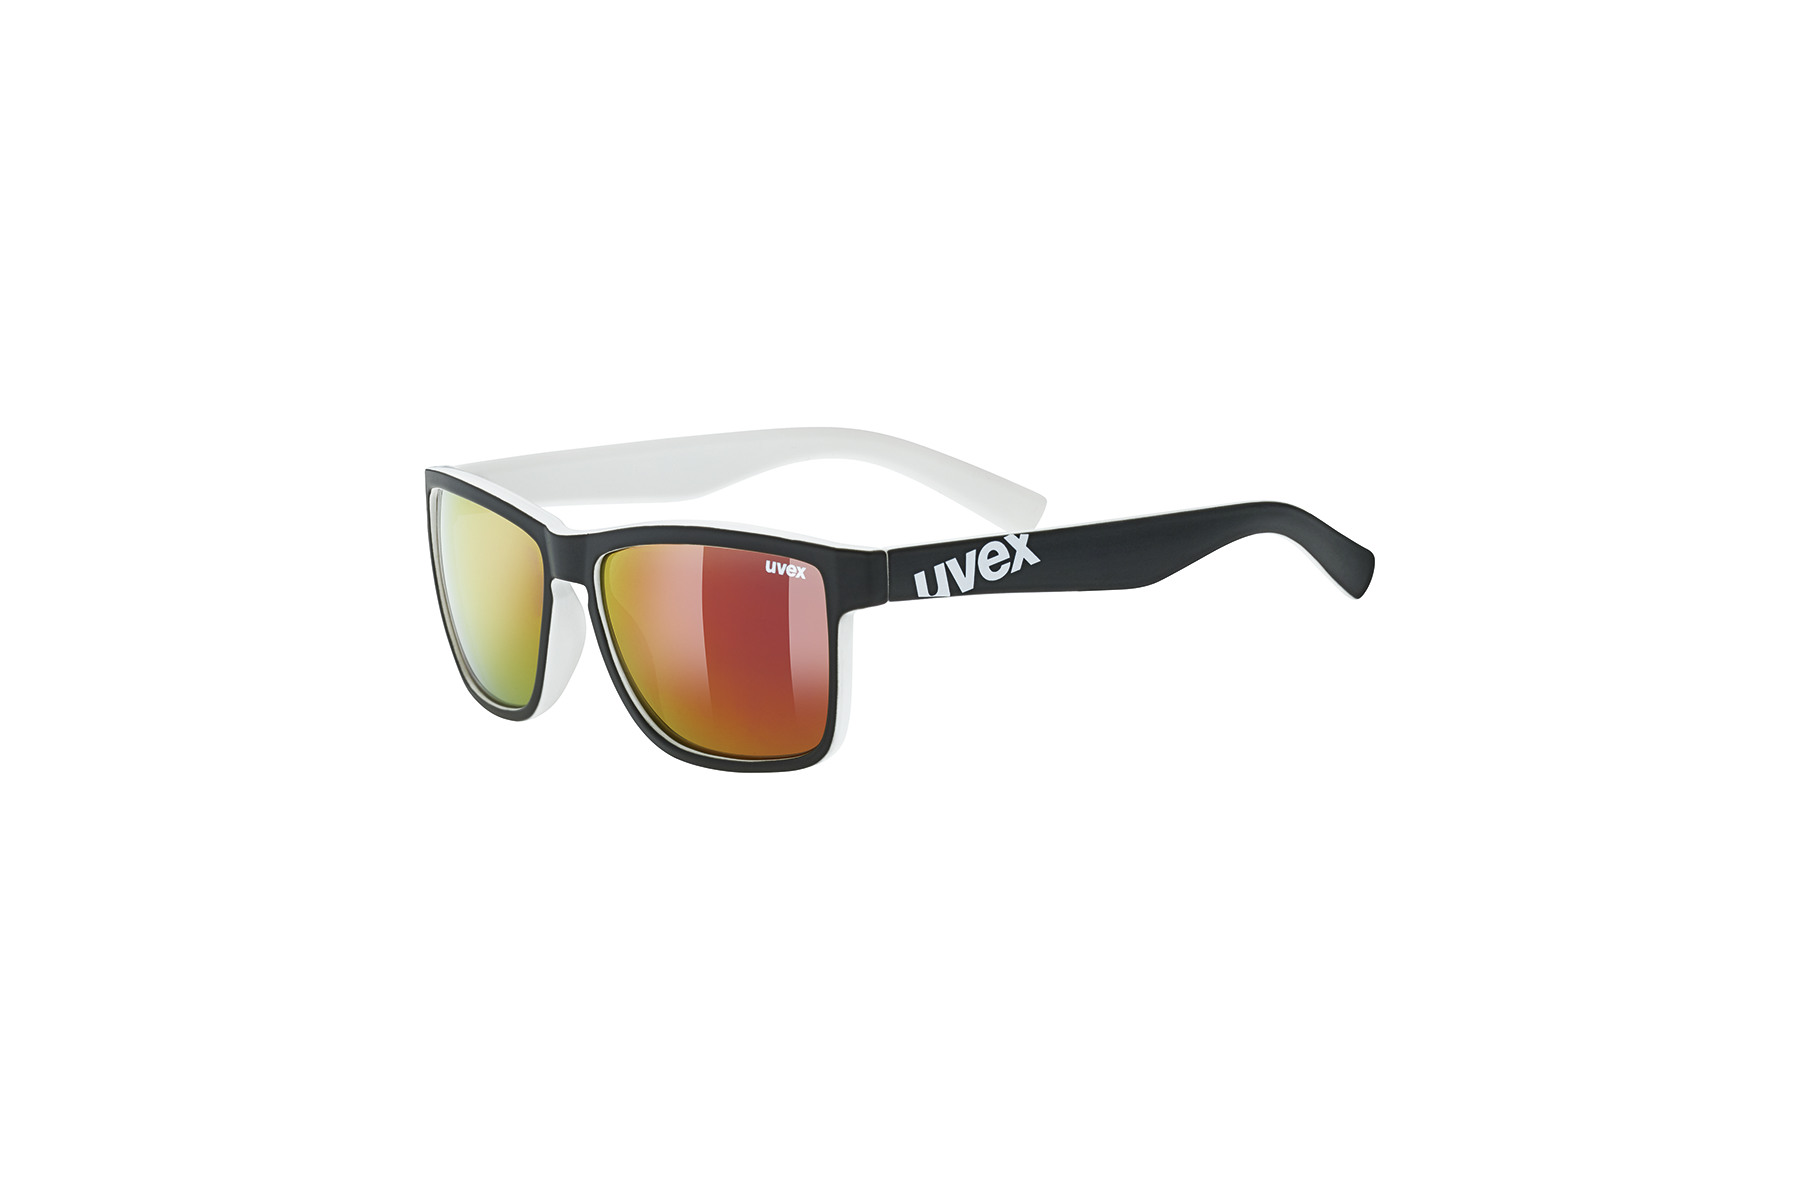 uvex IgI 39 Sonnenbrille